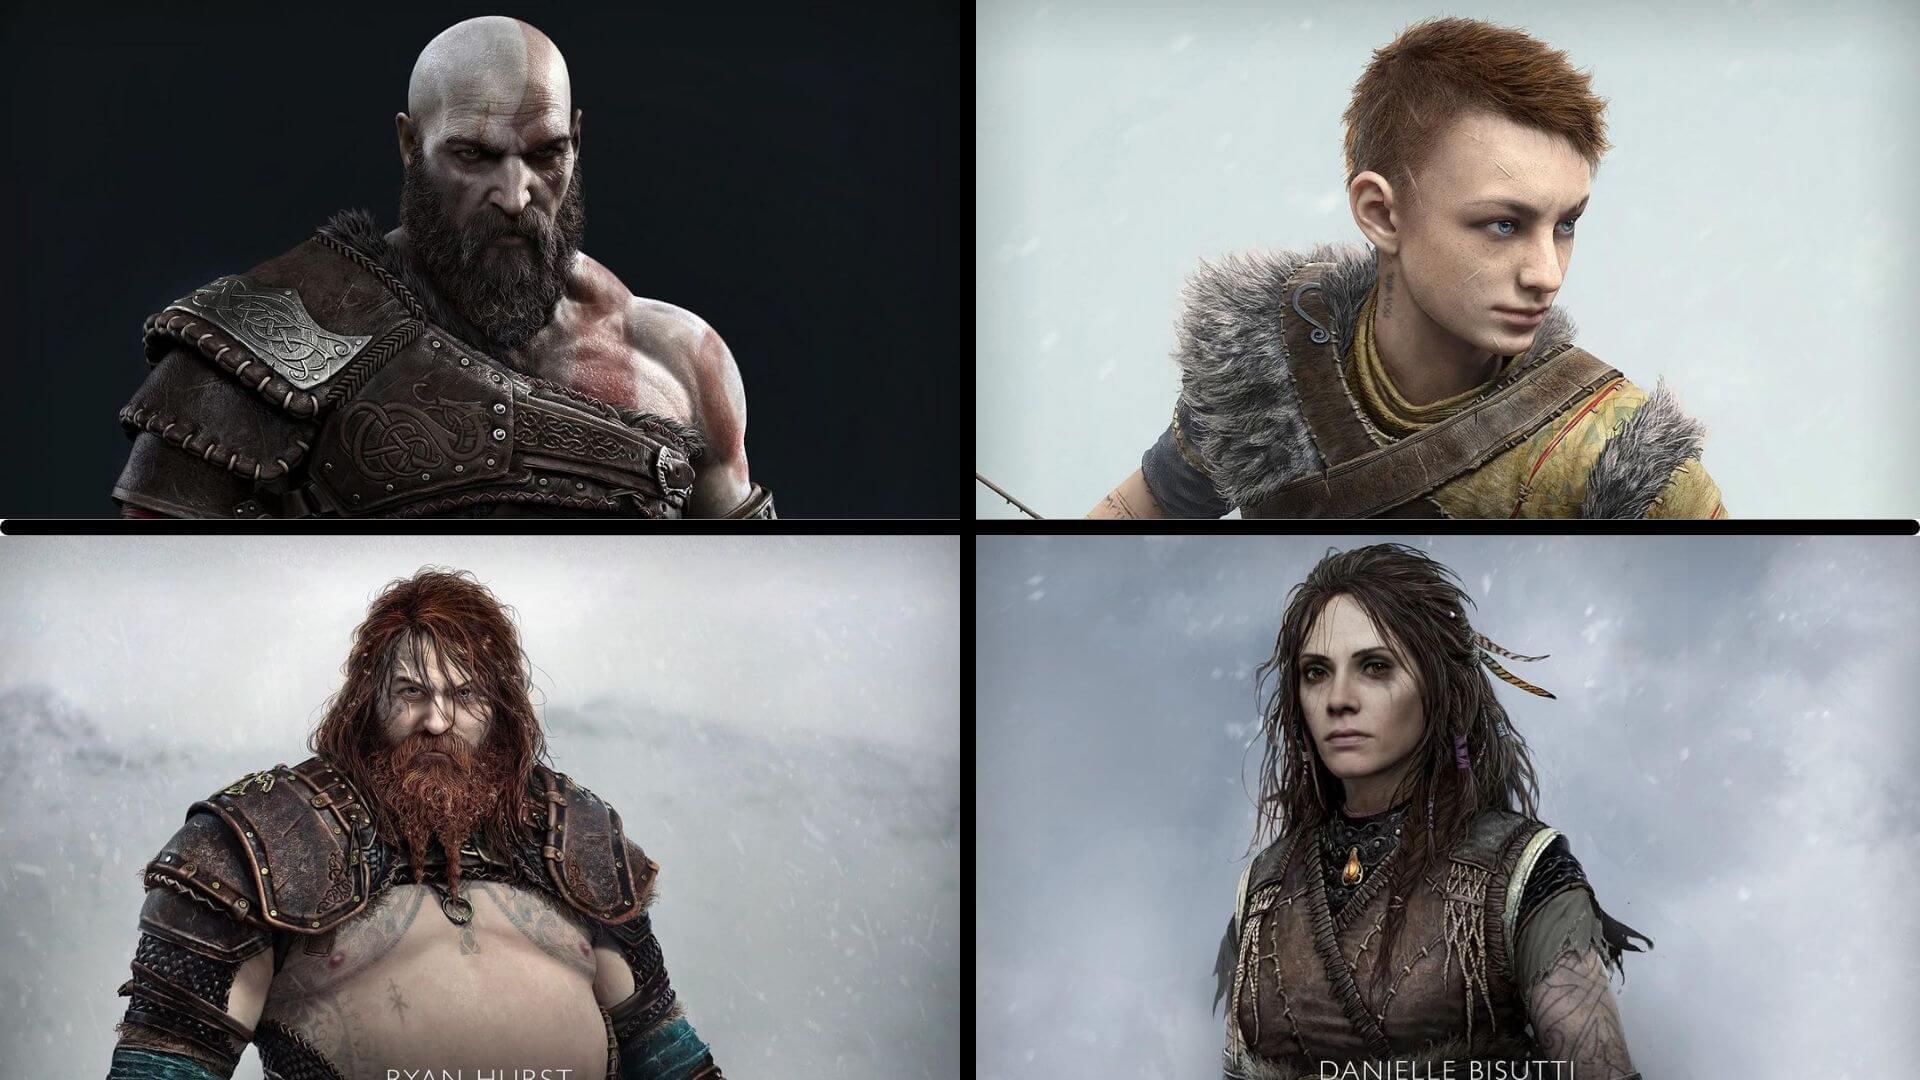 God of War Ragnarok desvela el aspecto de sus personajes principales